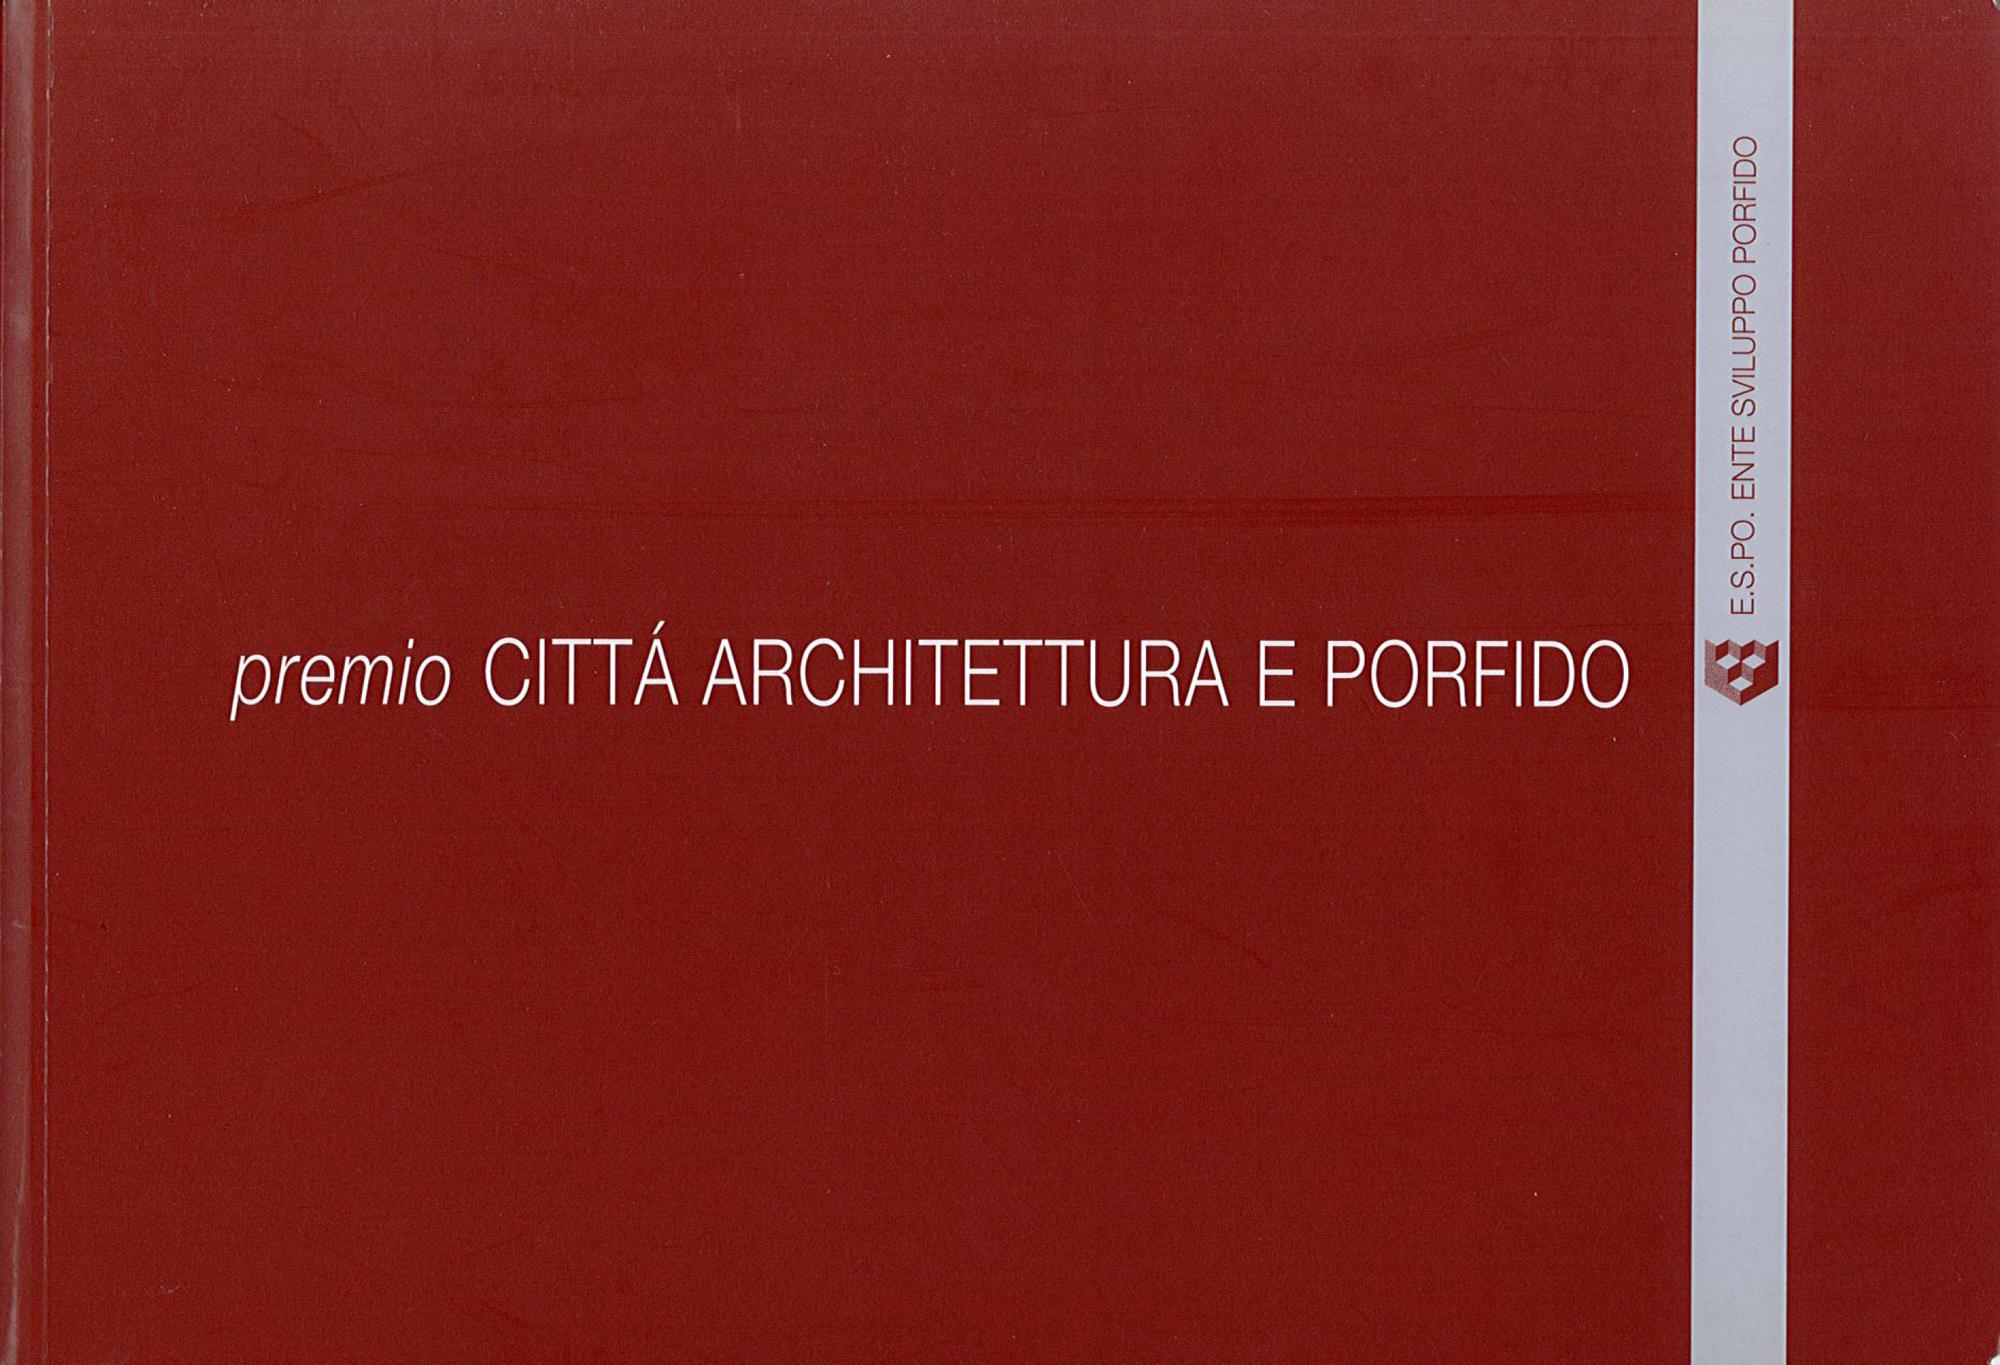 Pubblicazioni - Mimmo Premio città architettura porfido - oberti+oberti   architetti